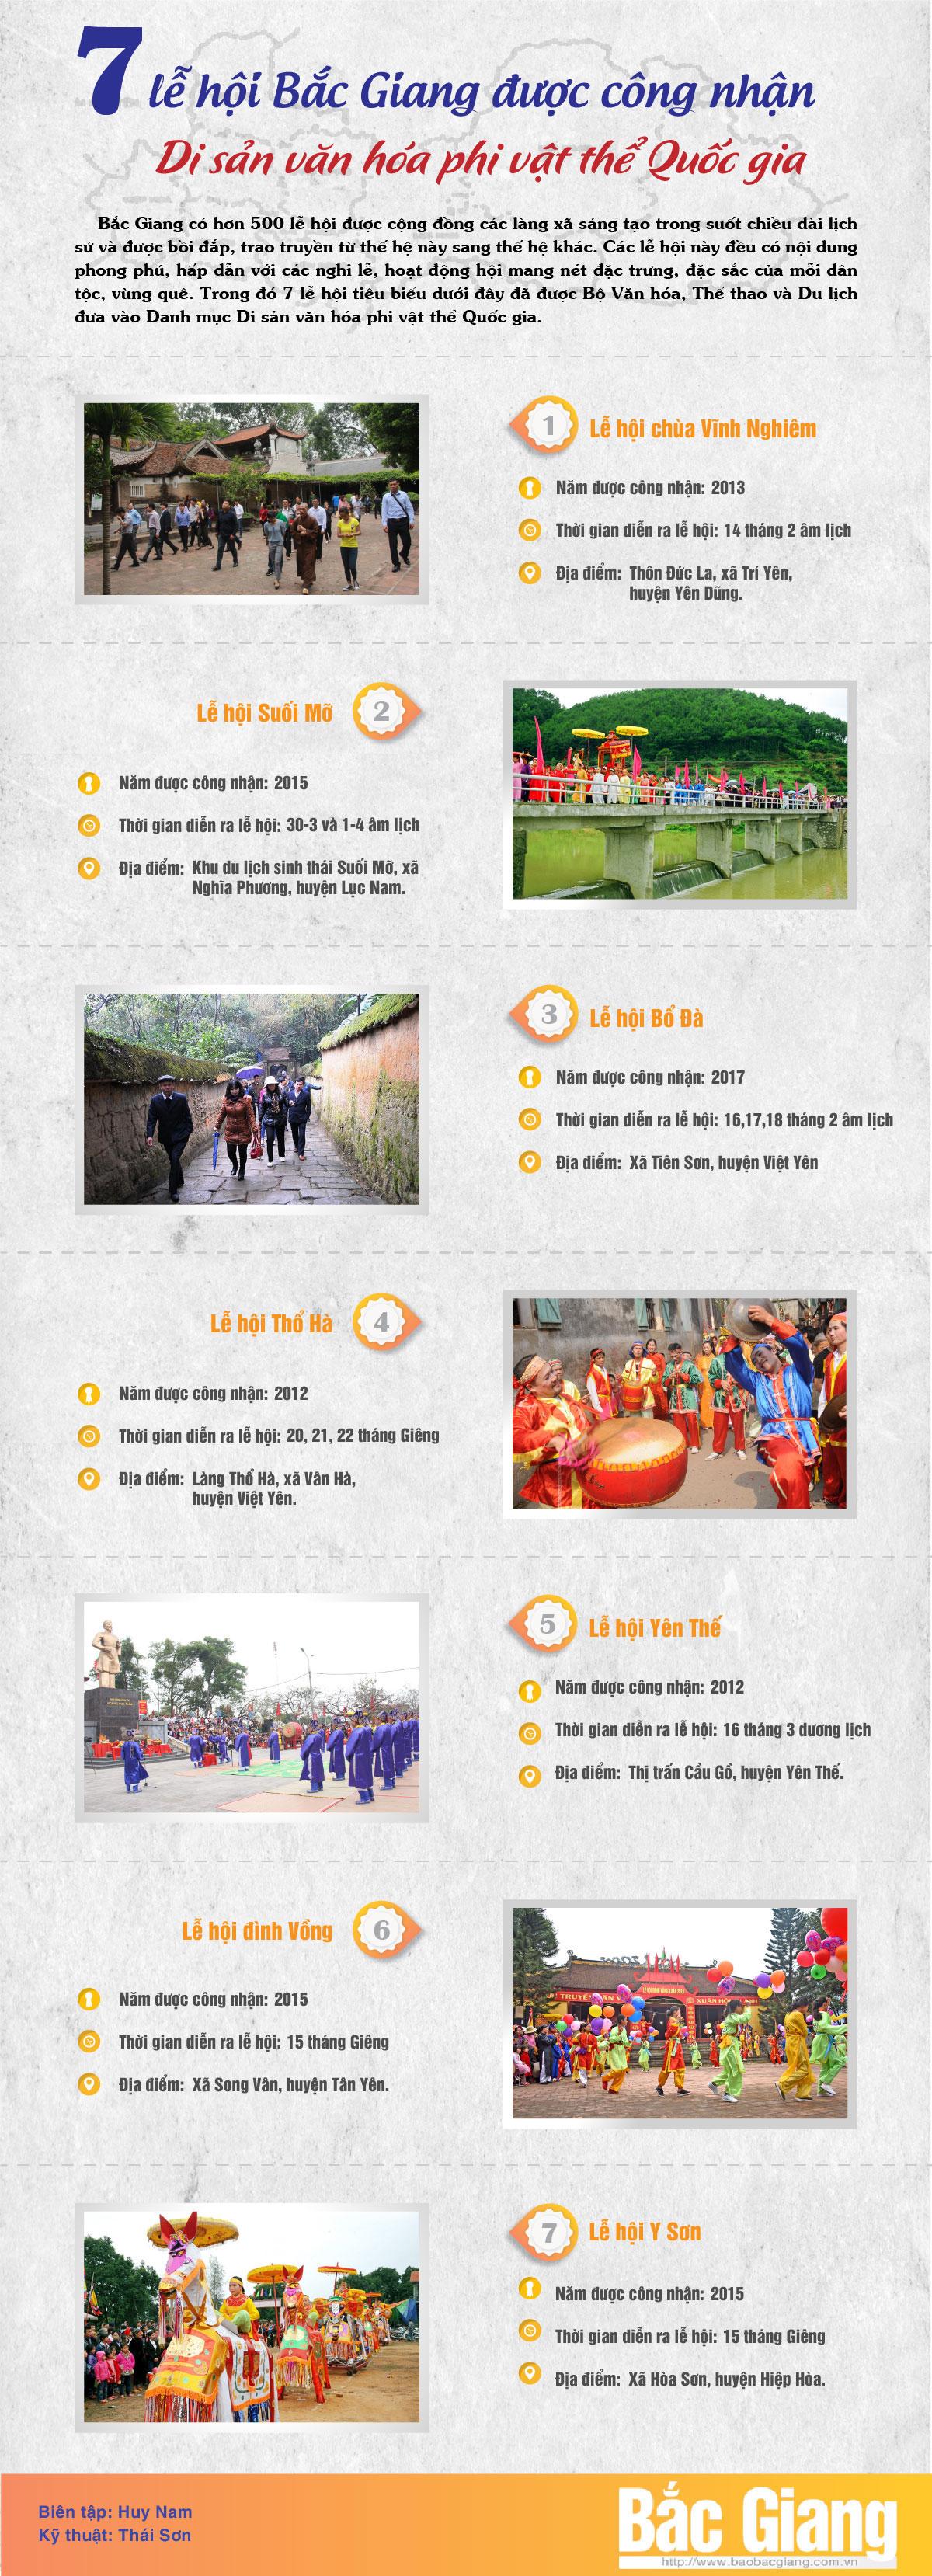 Lễ hội Bắc Giang, di sản văn hóa phi vật thể Quốc gia